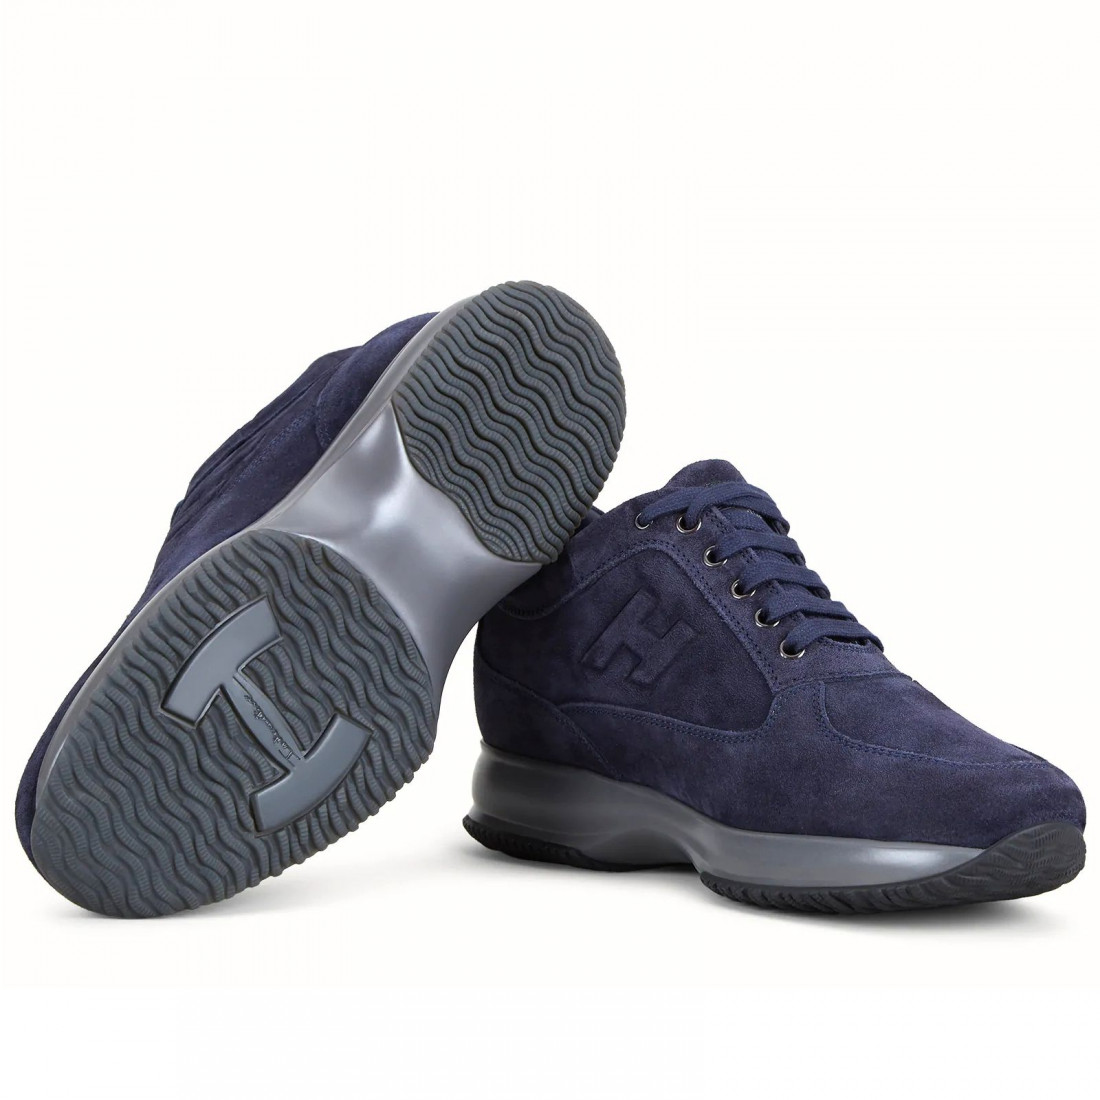 sneakers uomo hogan hxm00n09042hg0u801 7566